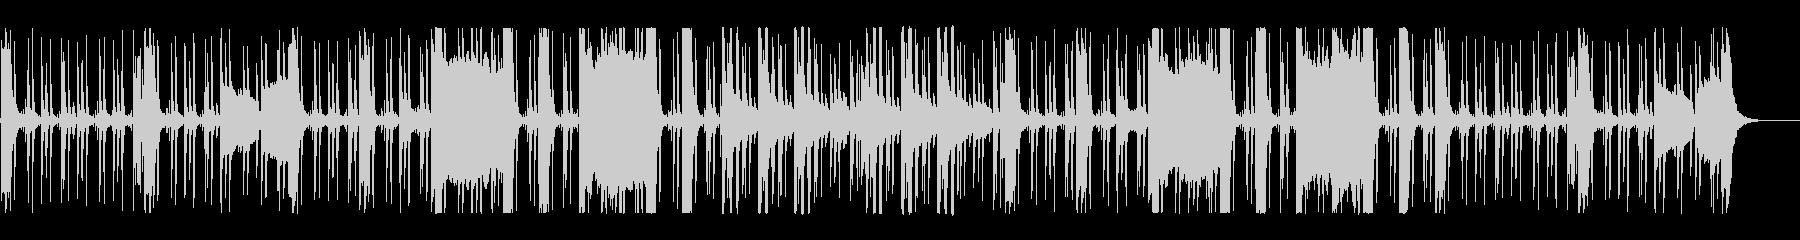 ホーンセクションのハードボイルドなビートの未再生の波形